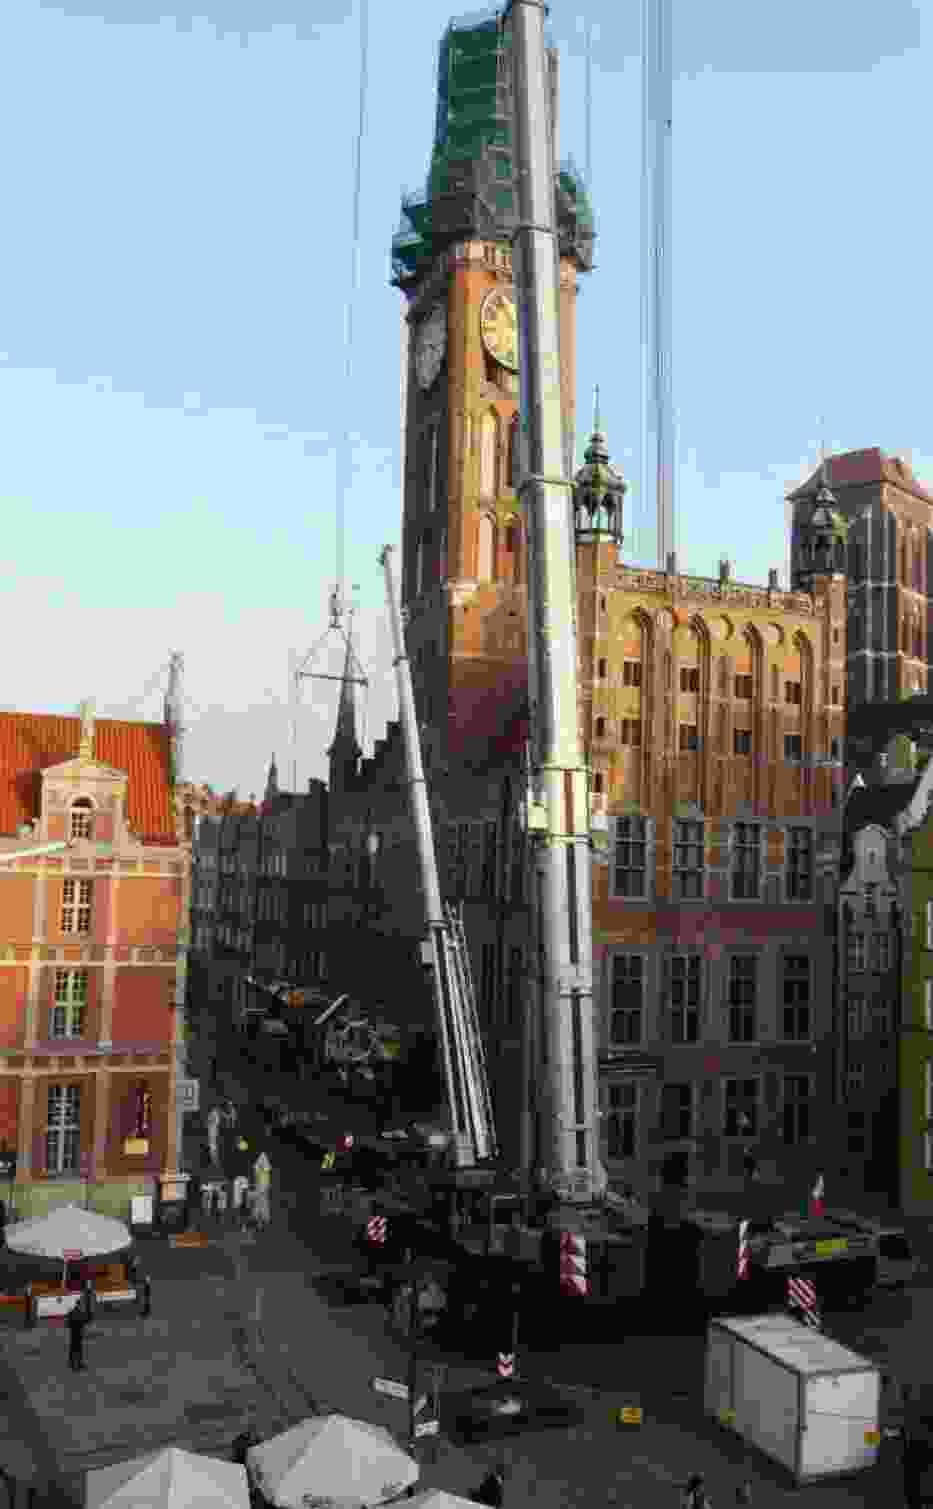 Wieża Ratusza Głównego miasta Gdańska już czeka na swojego króla powracającego po czterech latach nieobecności